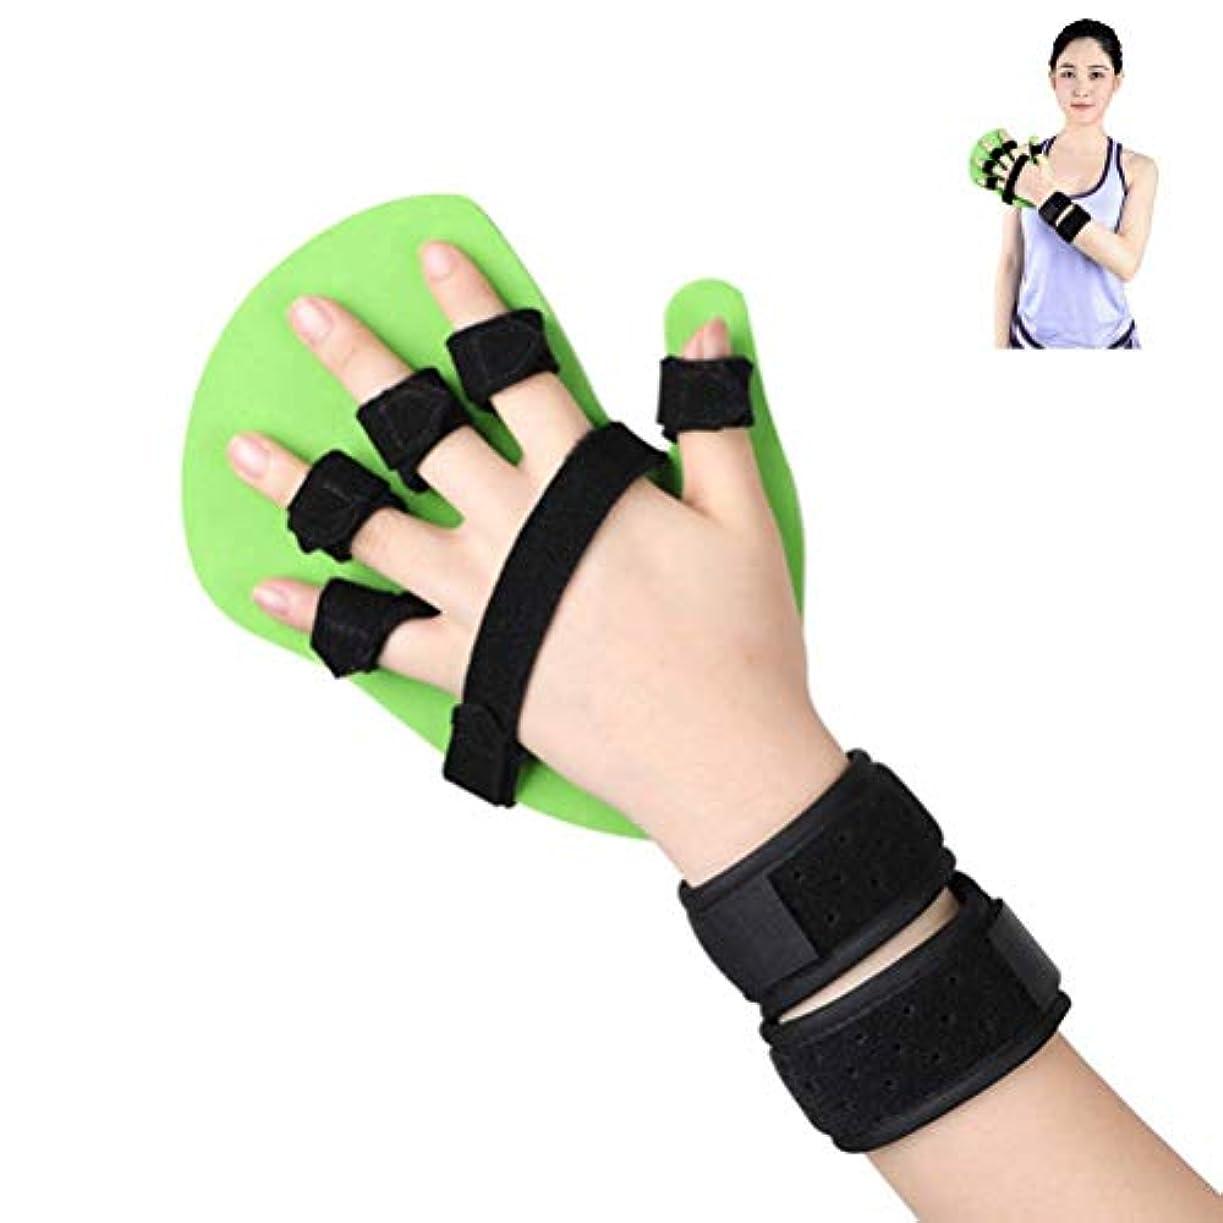 低下好む微弱フィンガースプリント指、指セパレーターインソール、手の手首のトレーニング装具デバイスブレース攣縮拡張ボードスプリント脳卒中 (Color : Left, Size : S)